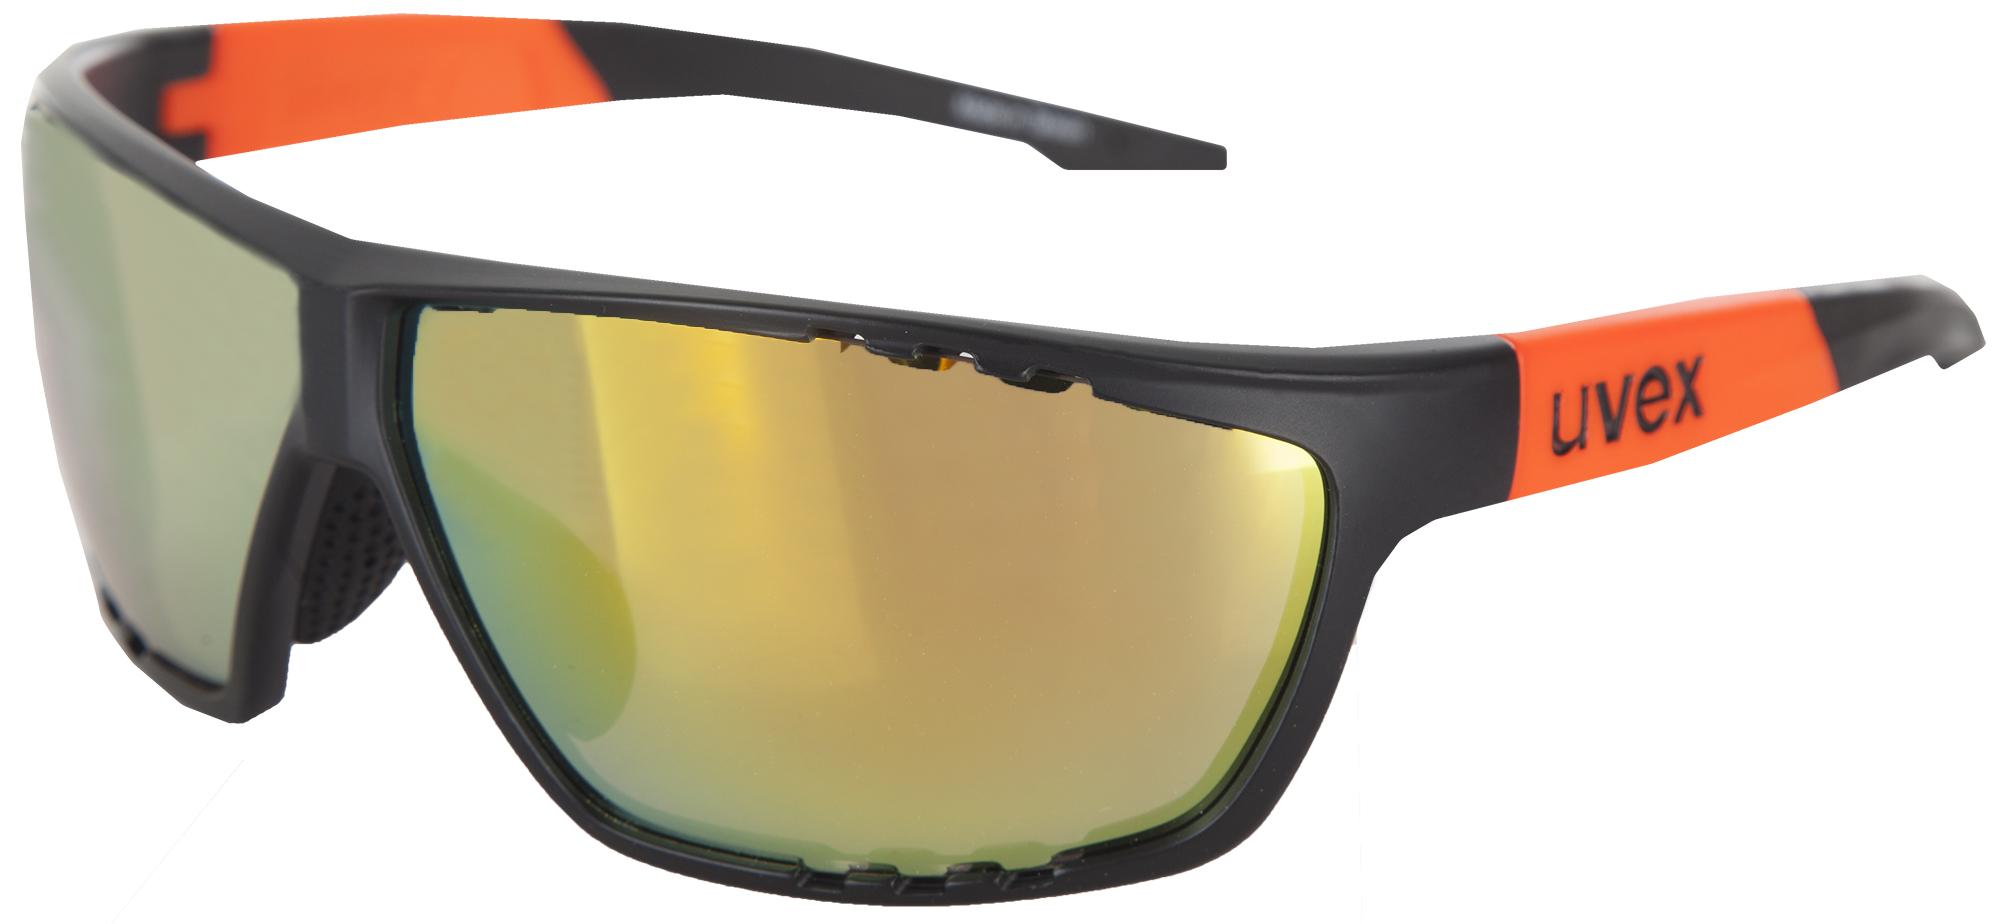 Uvex Солнцезащитные очки Uvex Sportstyle 706 массажер с лампой инфракрасного излучения nozomi mh 102